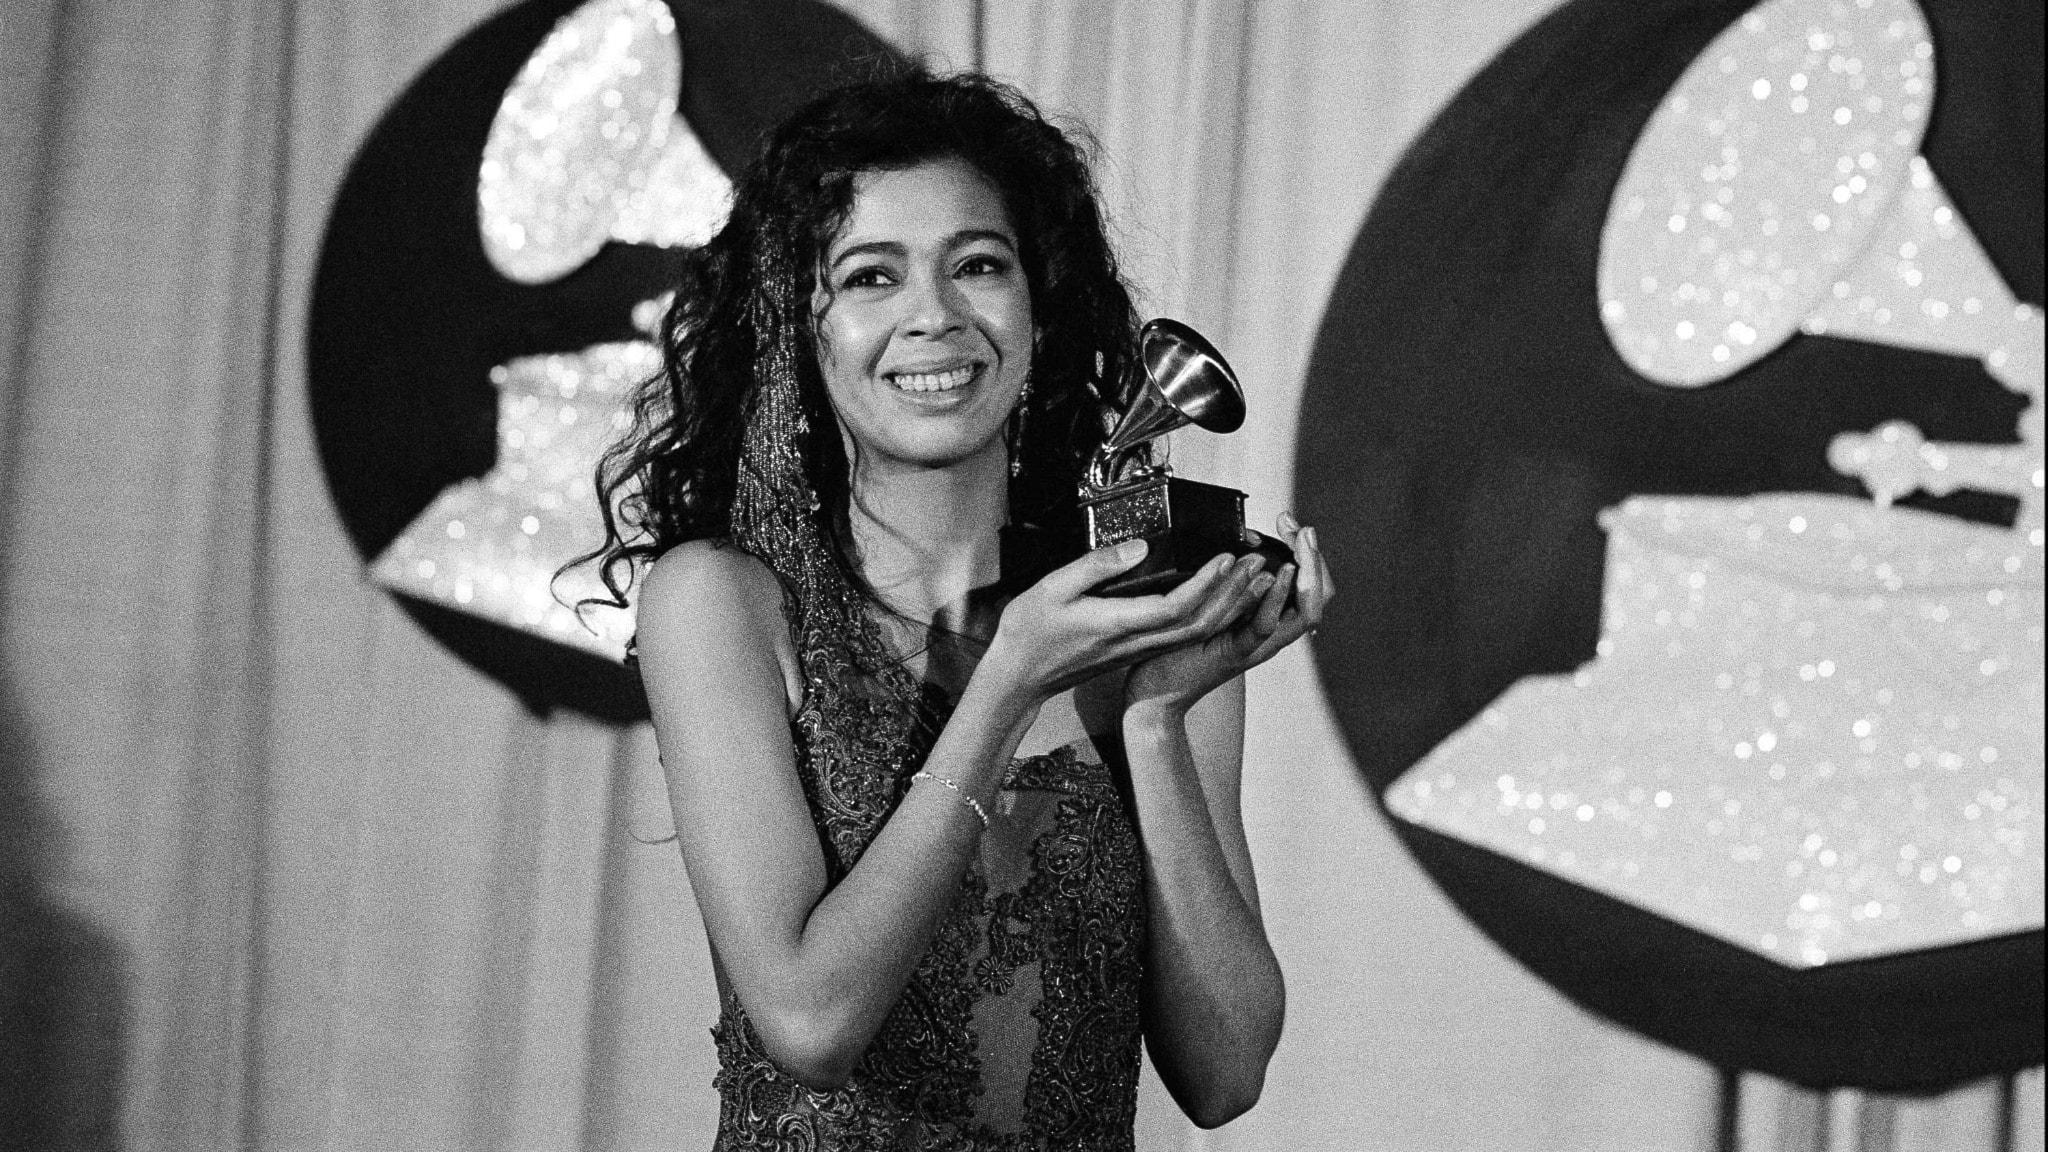 Irene Cara står och håller ett pris för sin musik. Priset består av en gammal trattgrammofon